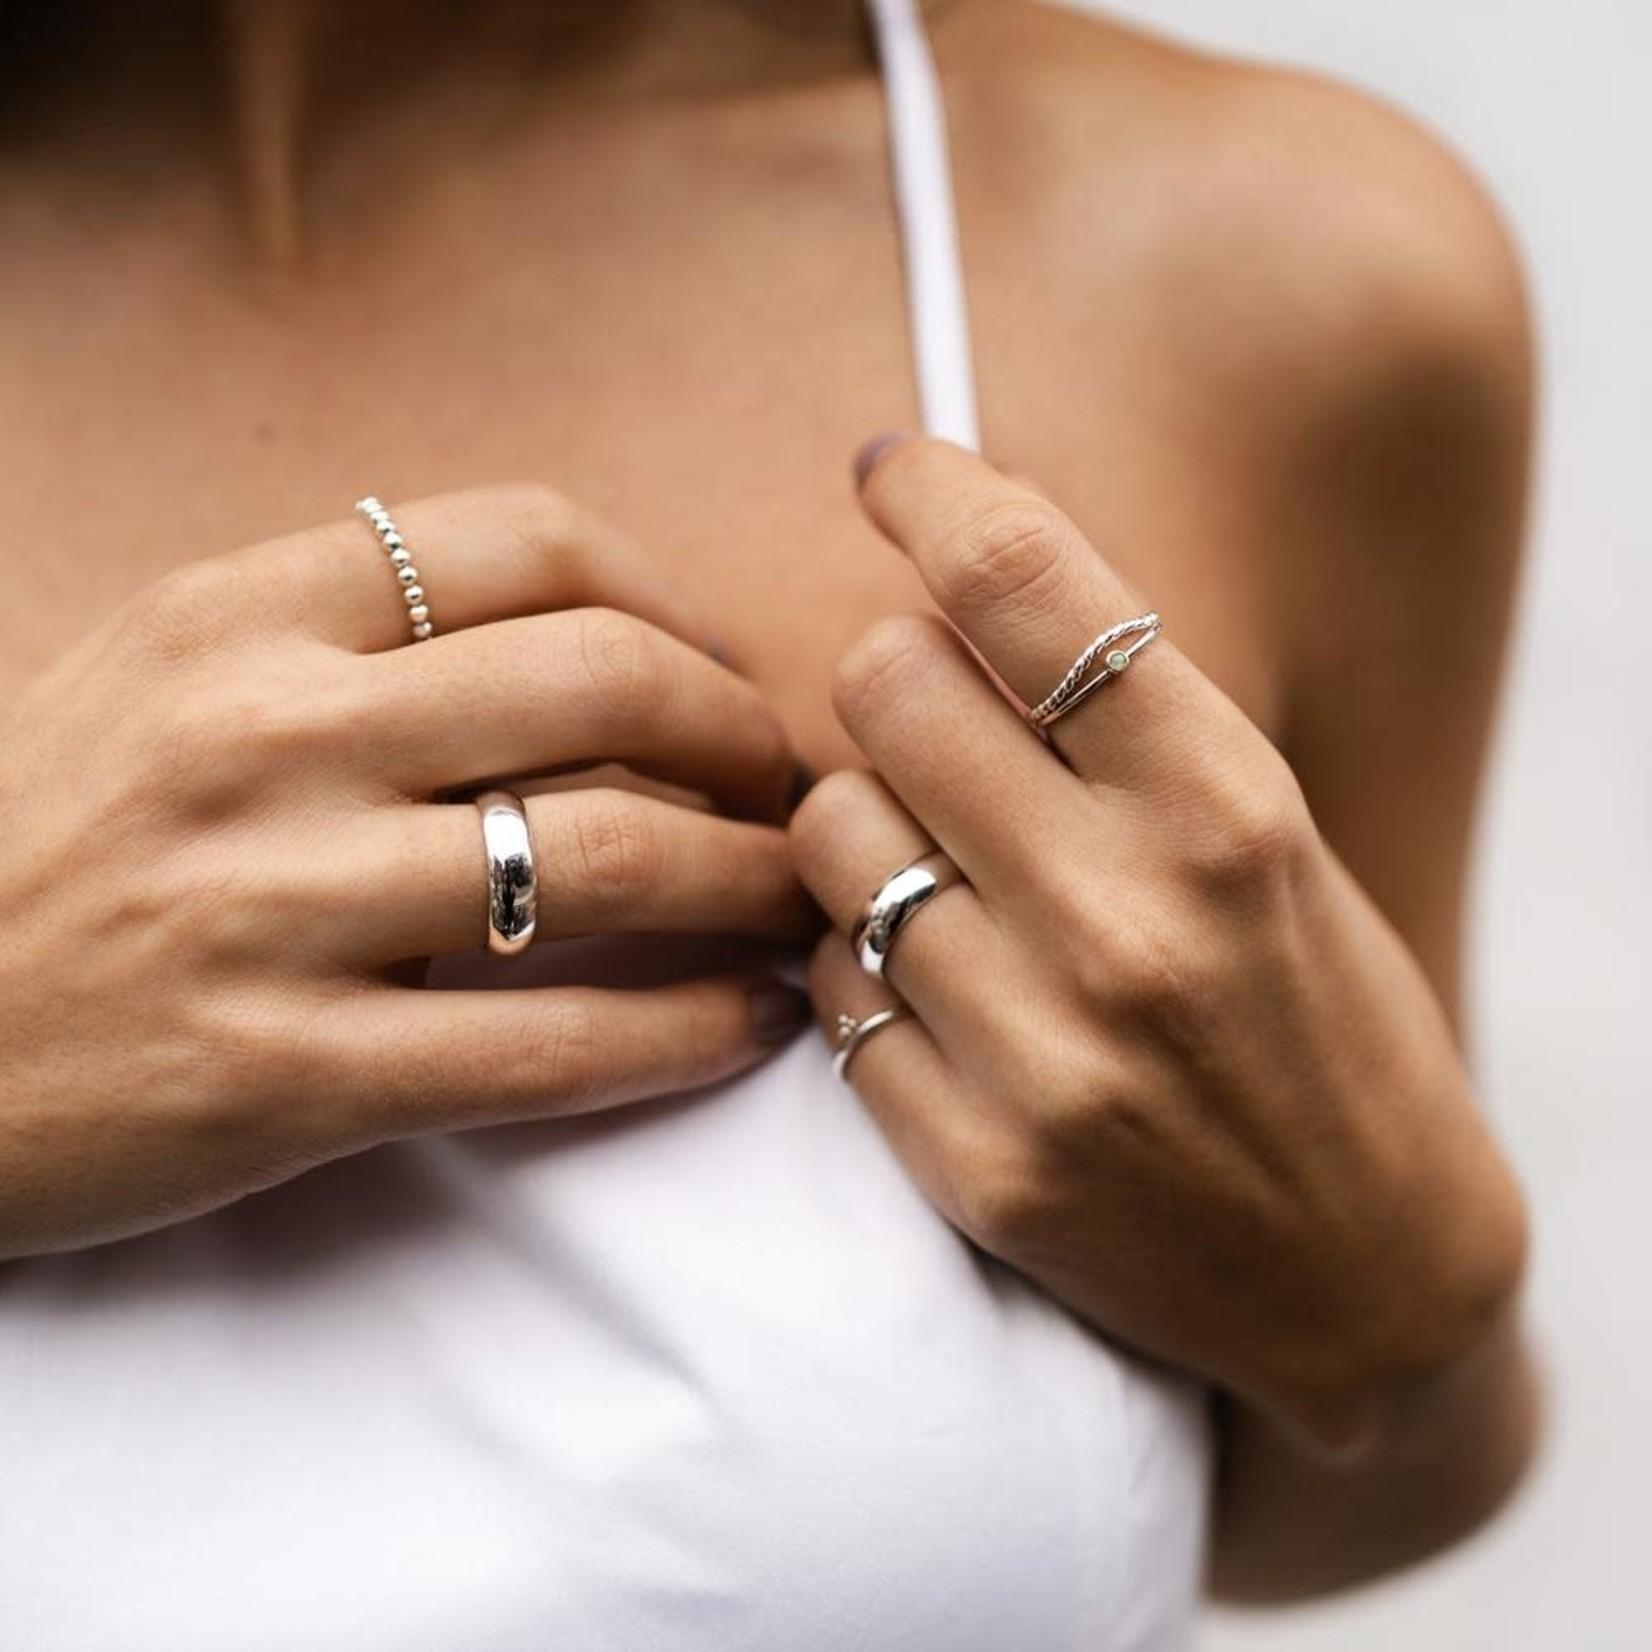 Welldunn jewelry Welldunn PERLOCK argent